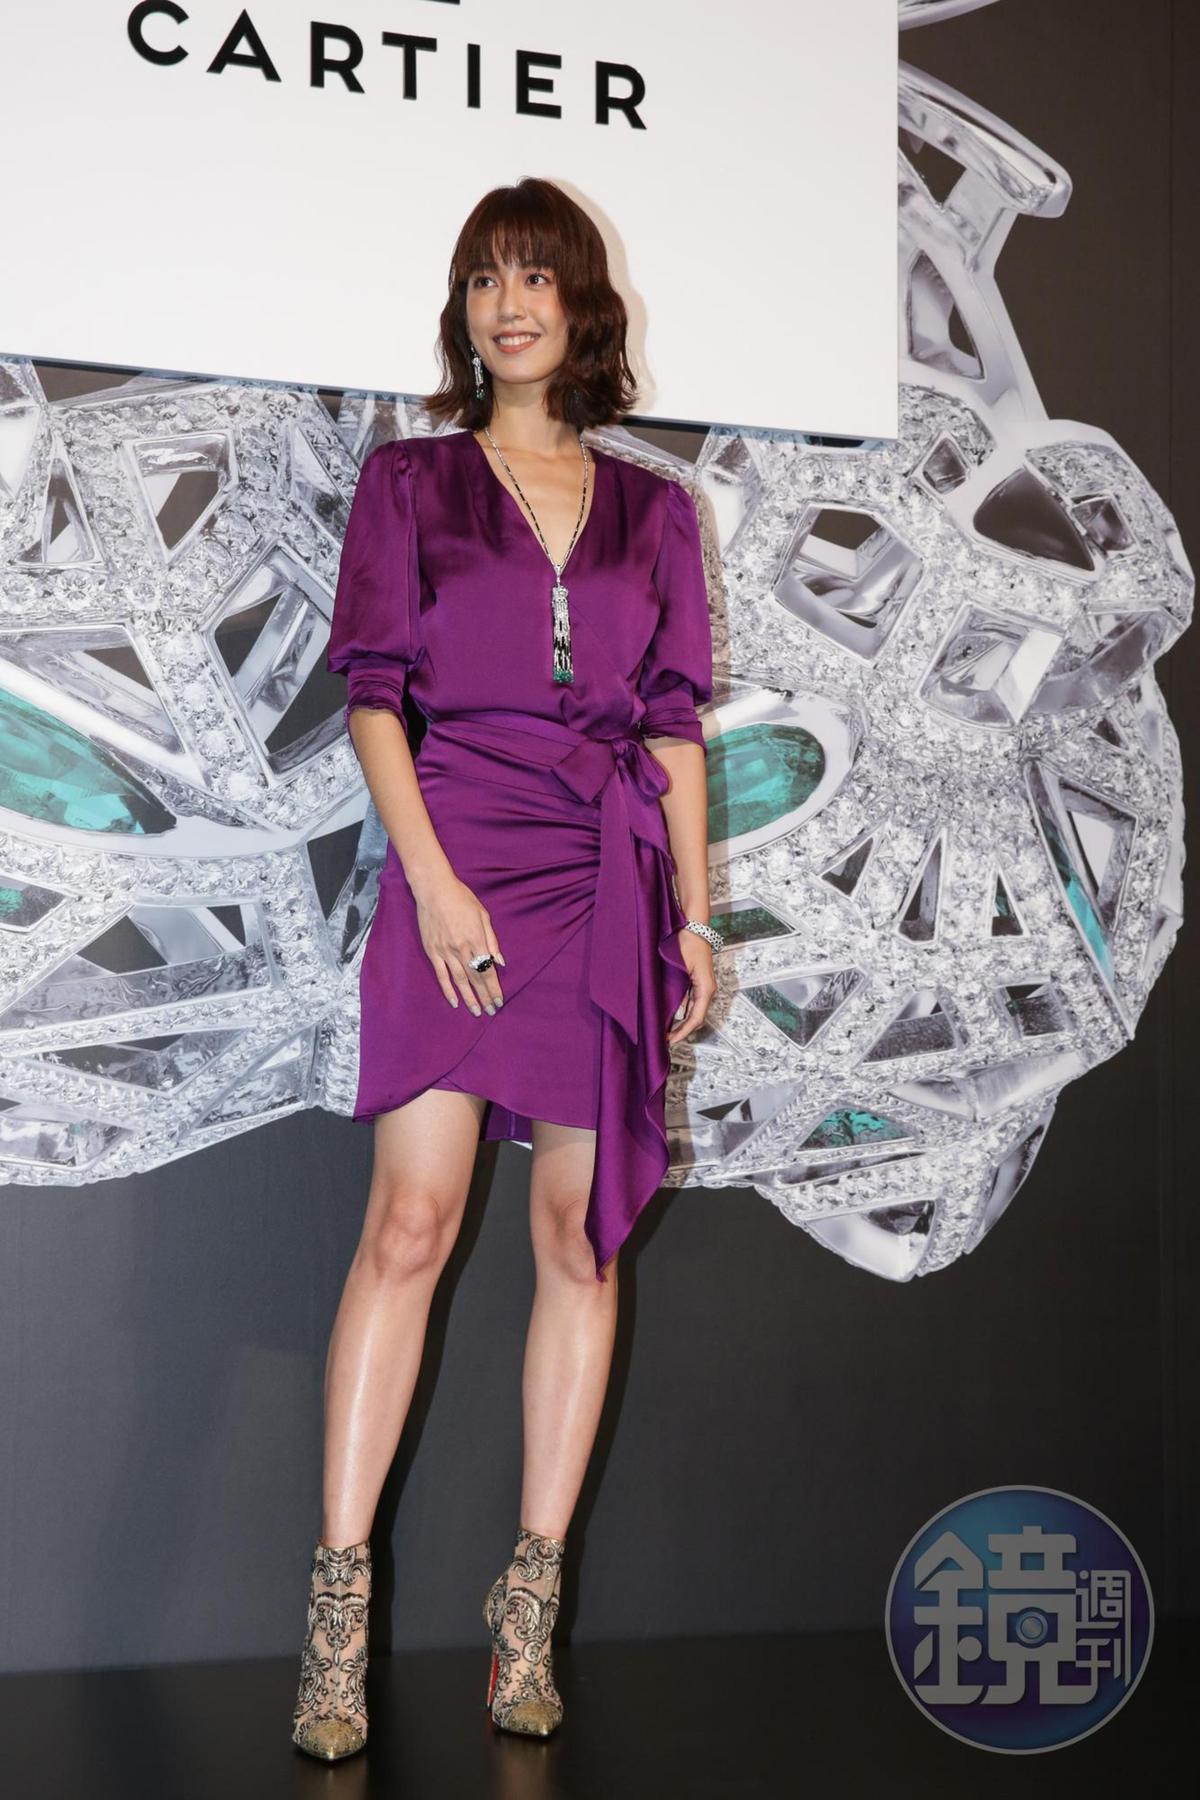 陳庭妮3,100萬元的Cartier行頭,是全場藝人最高價。